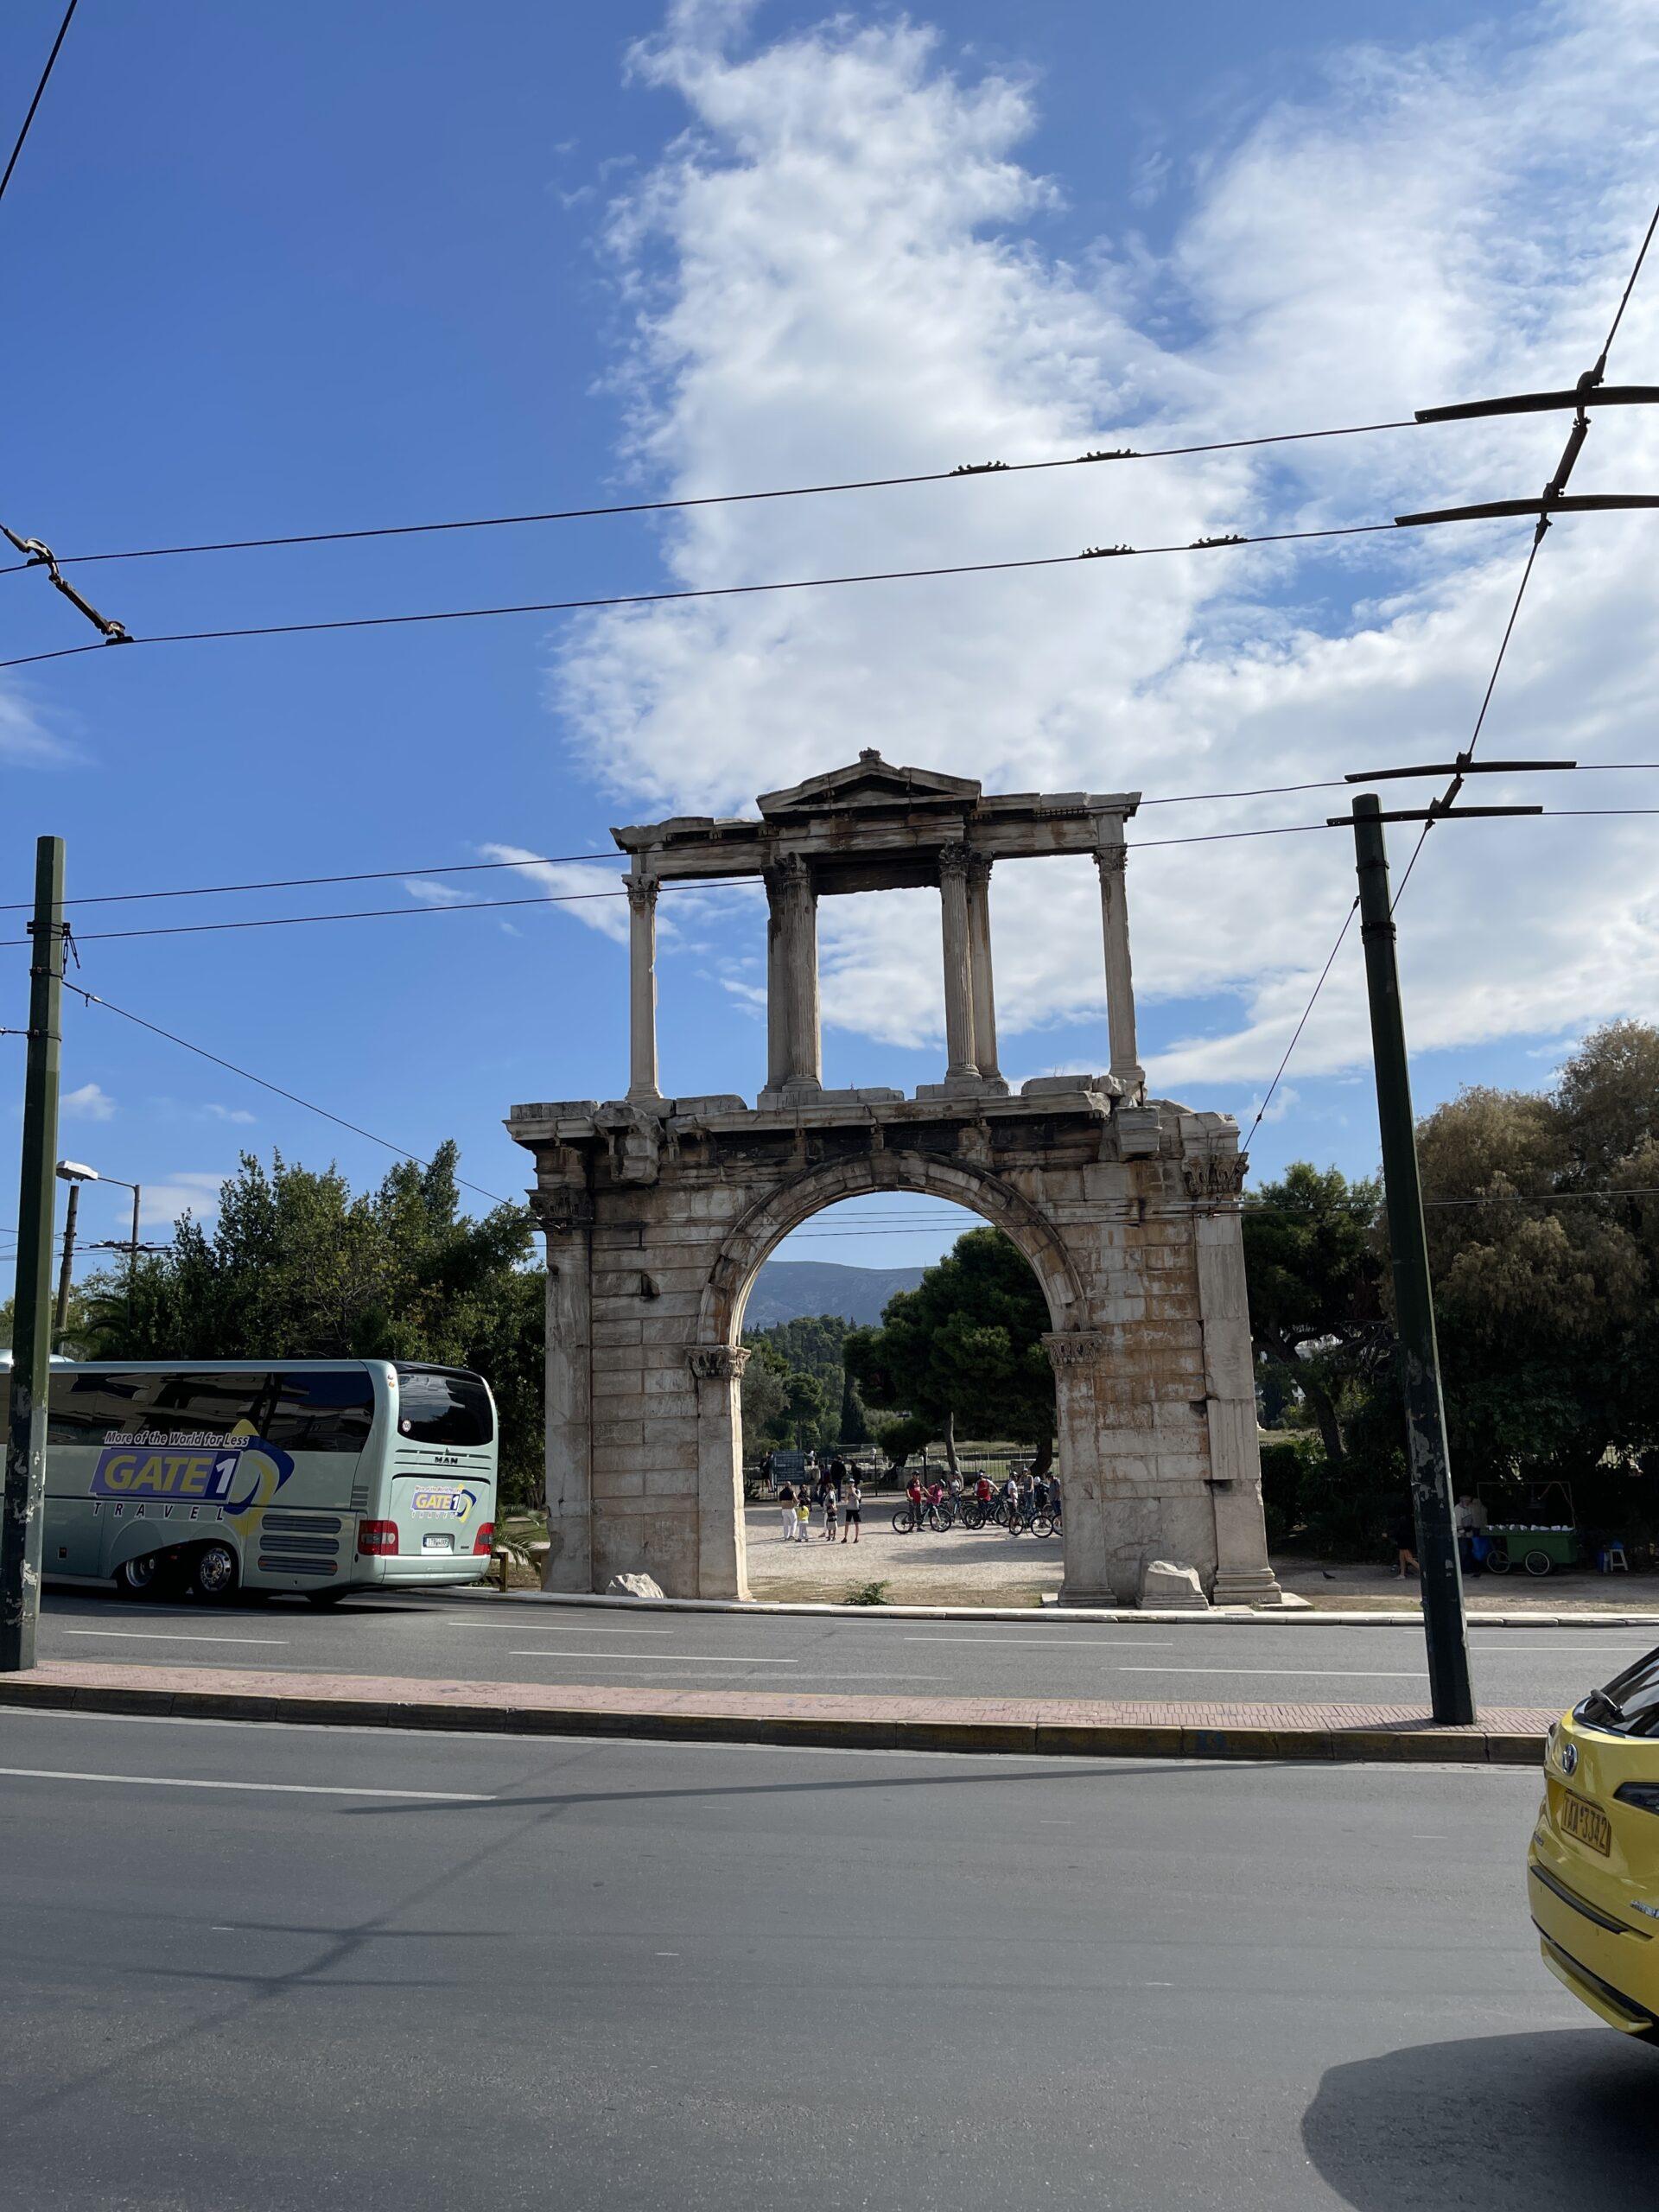 Tag 01-04: Seetag-Rhodos-Seetag-Athen